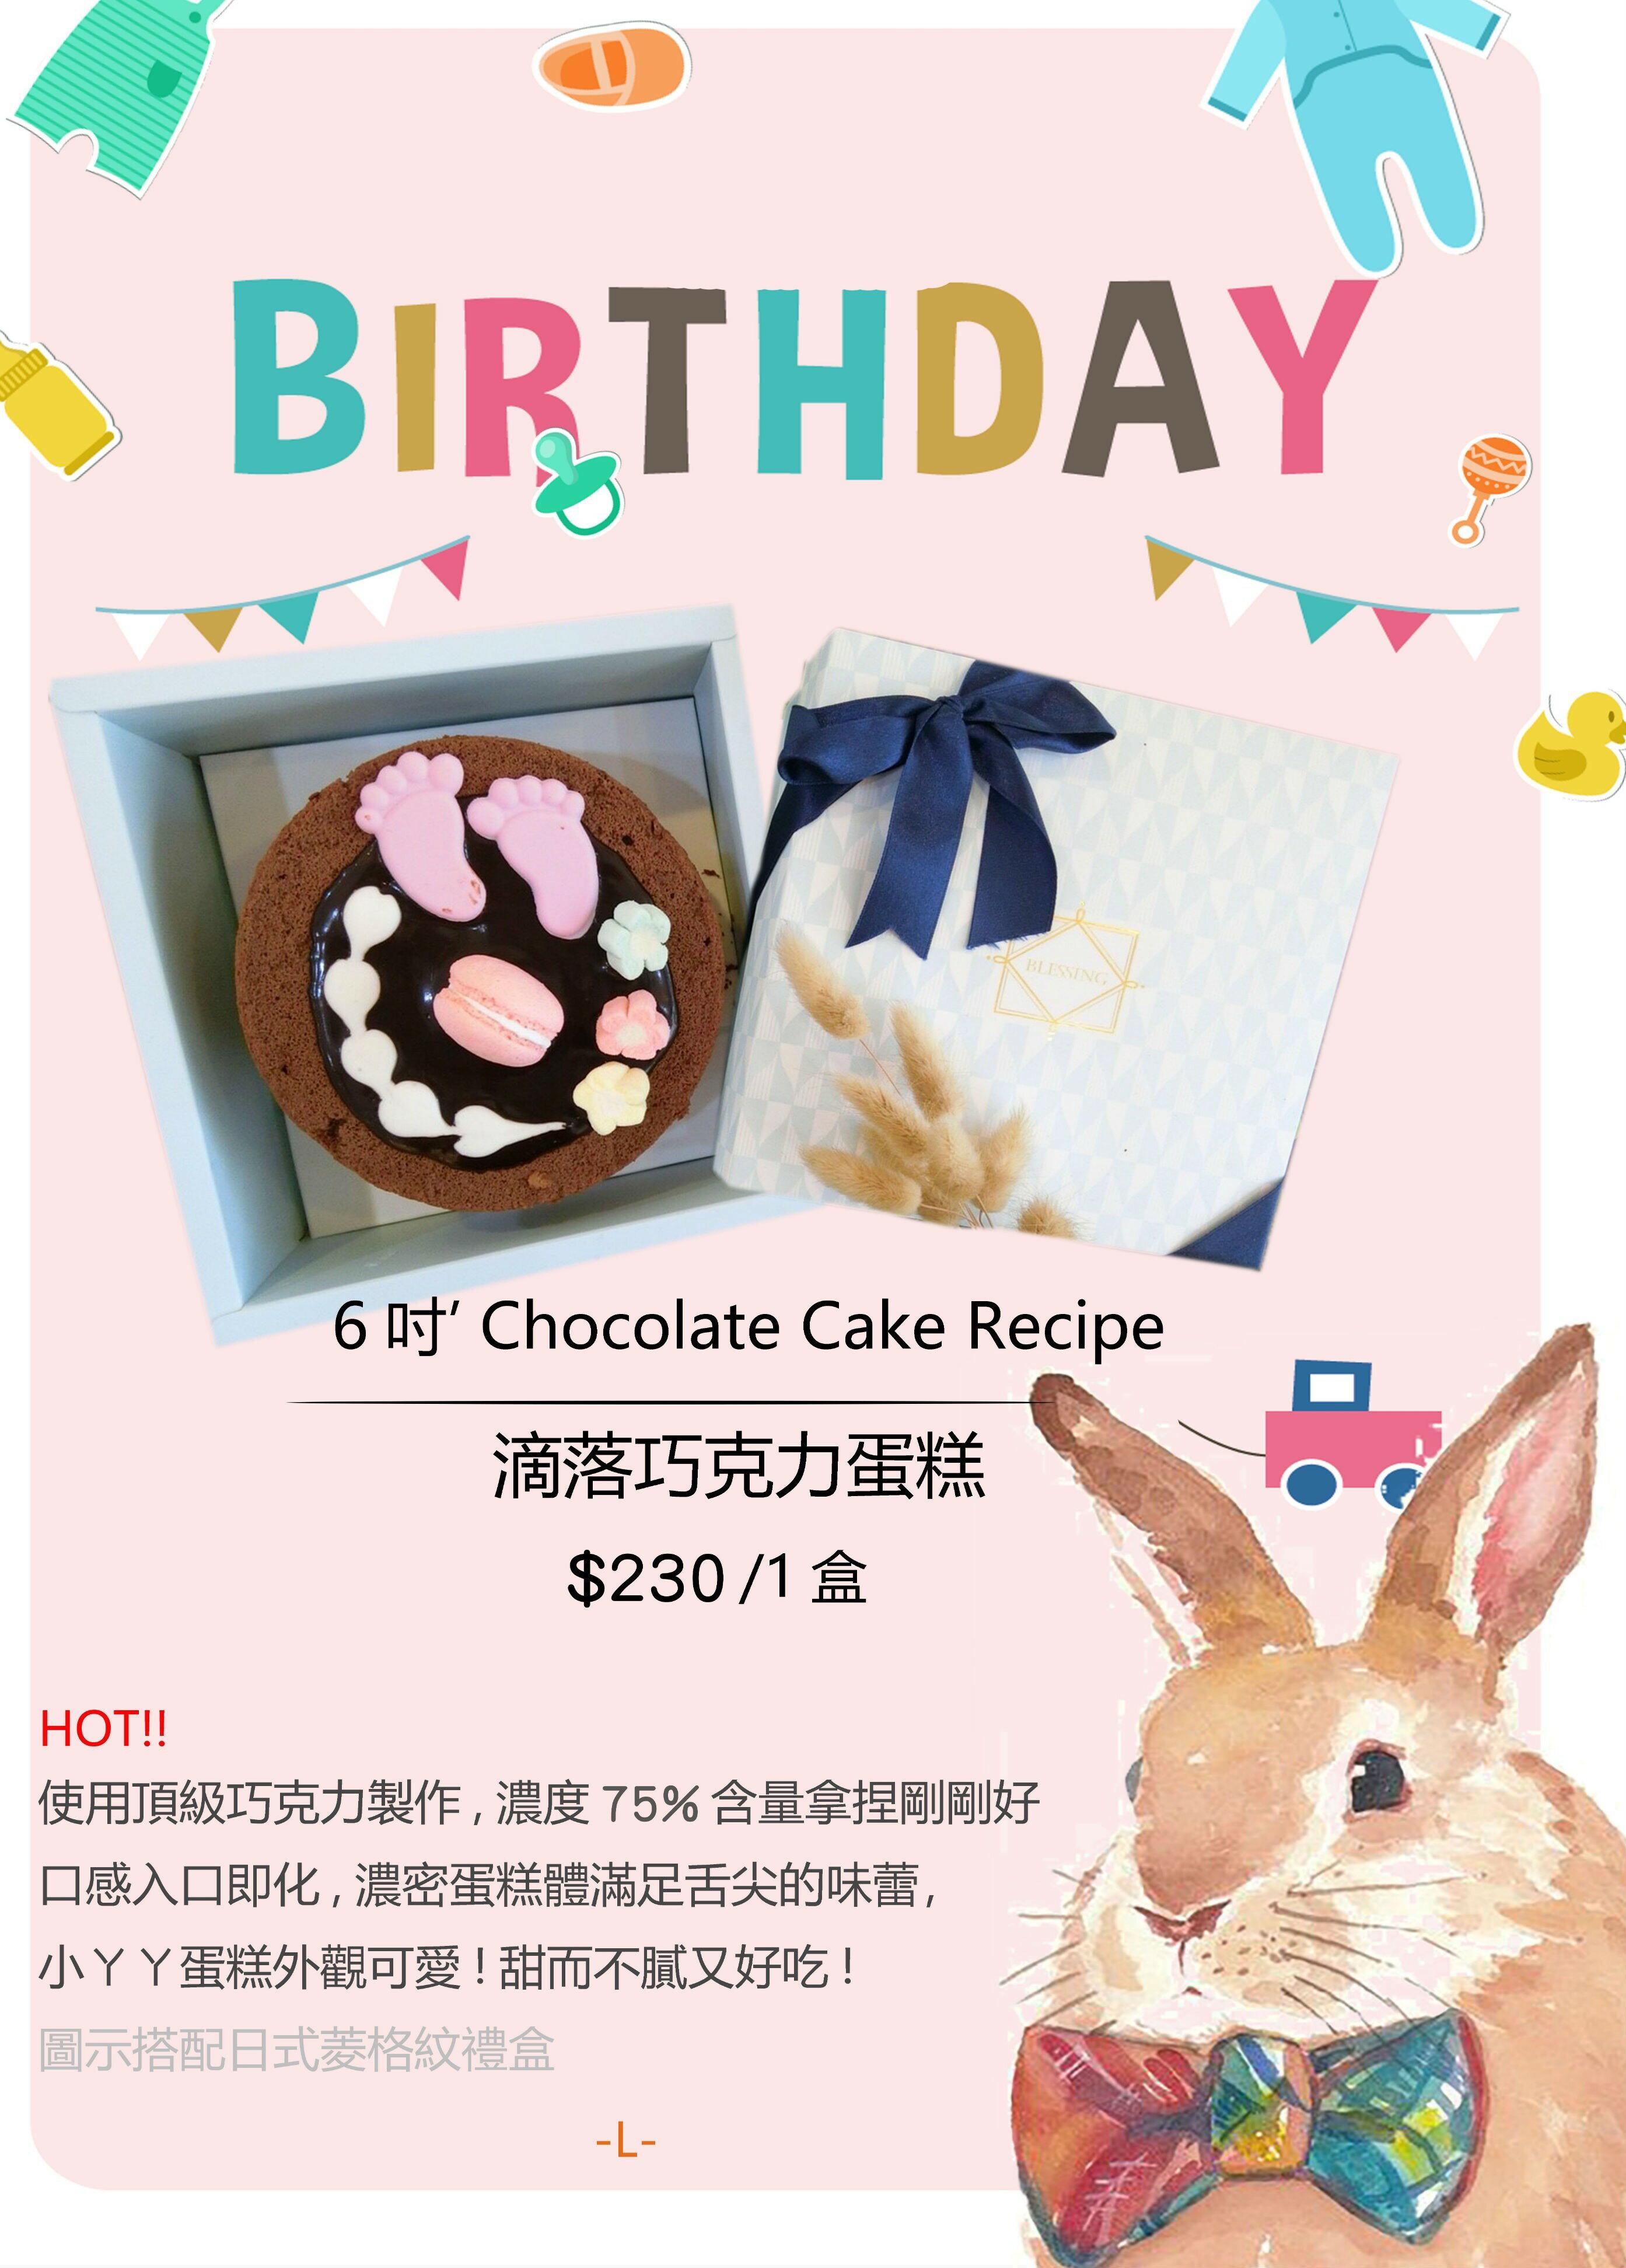 6吋Chocolate Cake Recipe 小ㄚㄚ滴落巧克力蛋糕 蛋糕/甜點/下午茶/彌月蛋糕